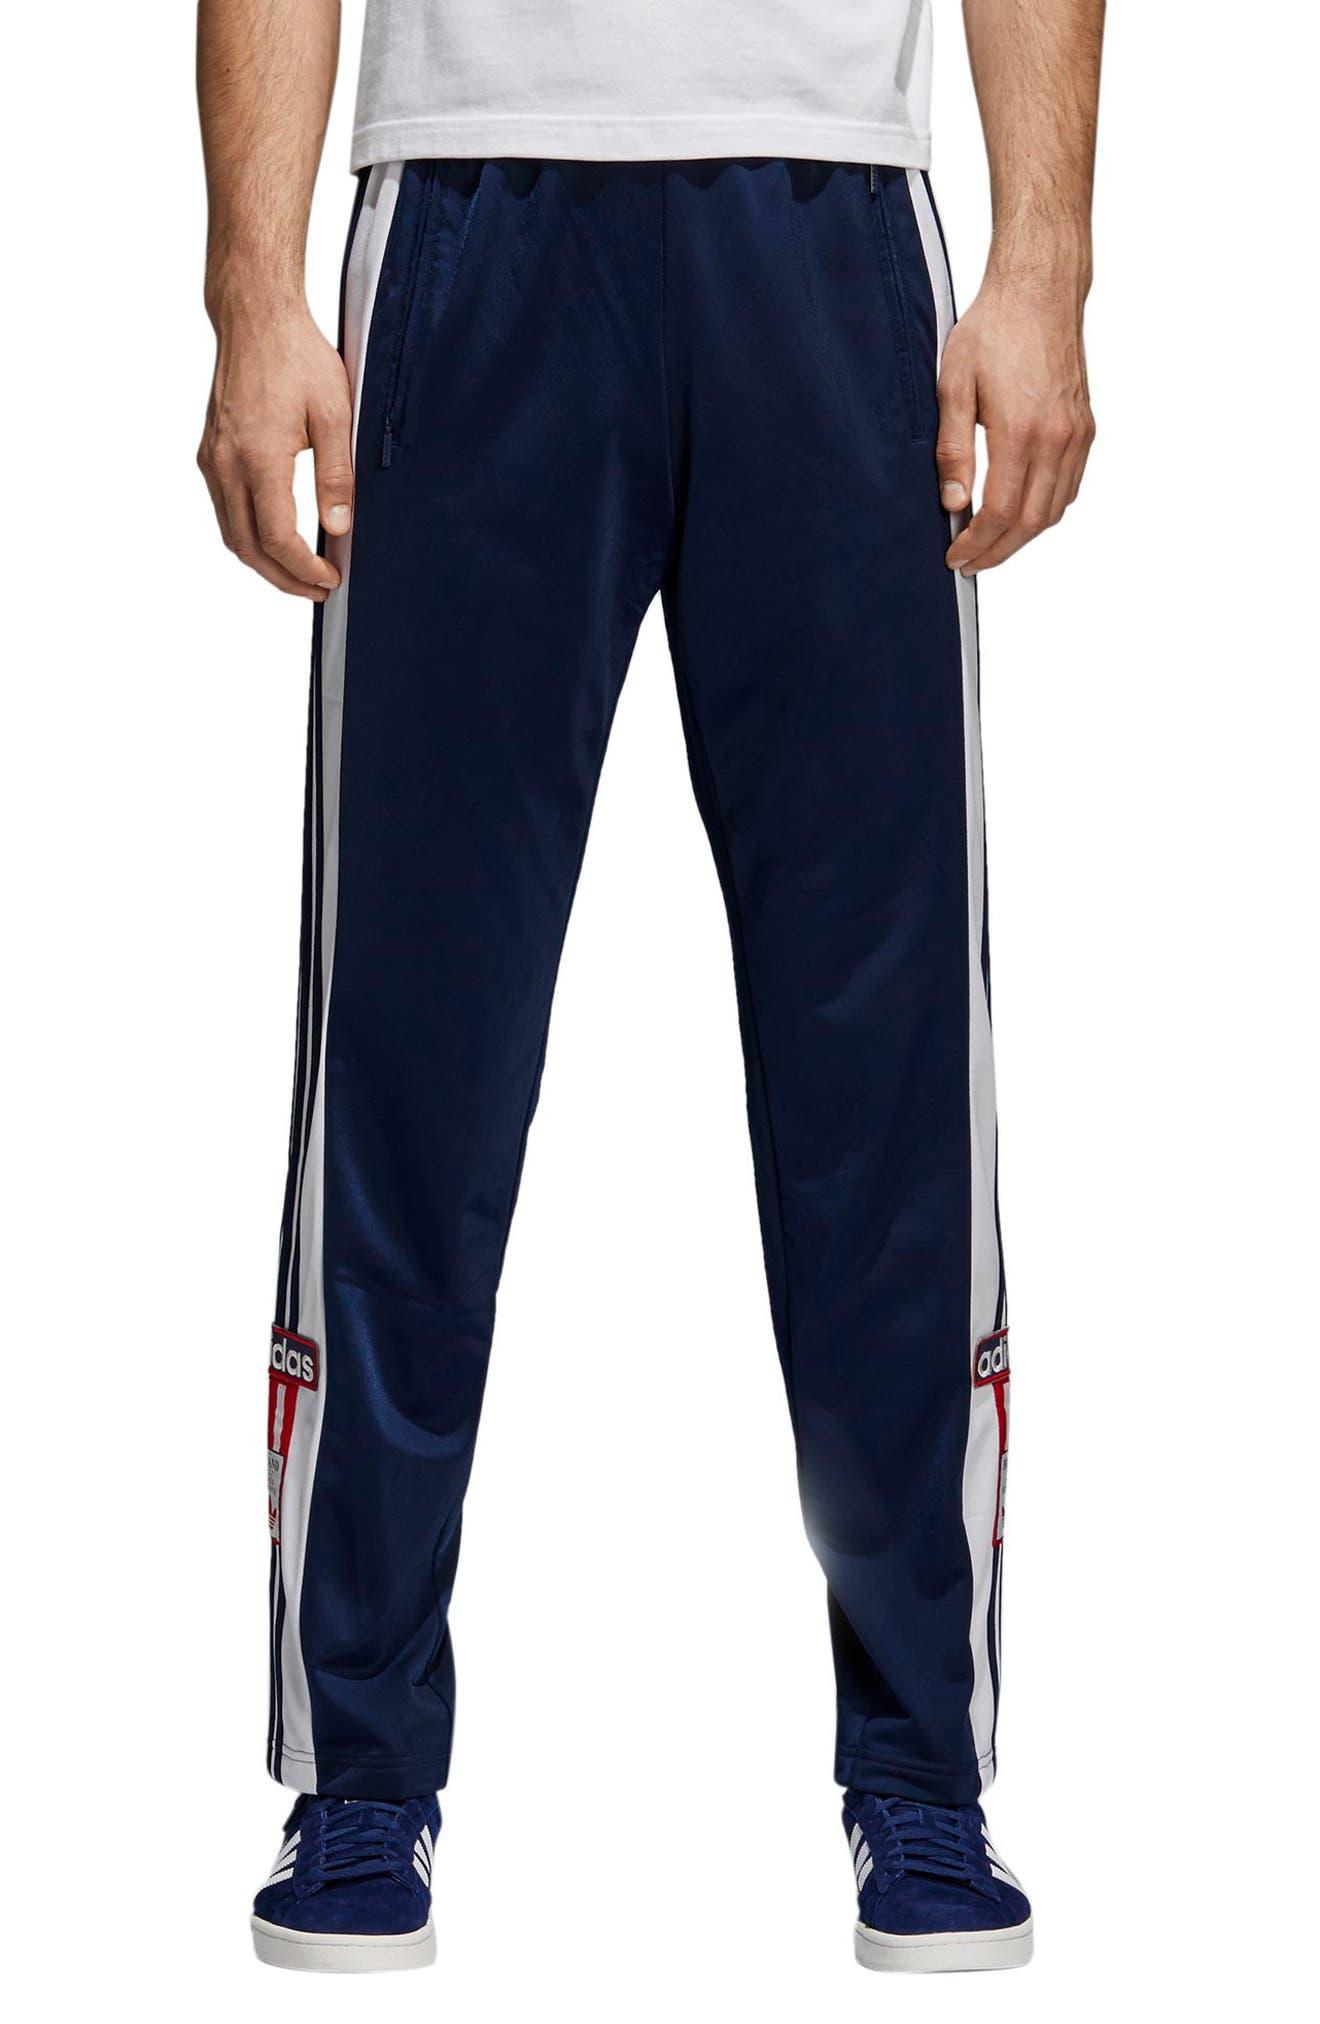 Adibreak Track Pants,                             Main thumbnail 1, color,                             Collegiate Navy